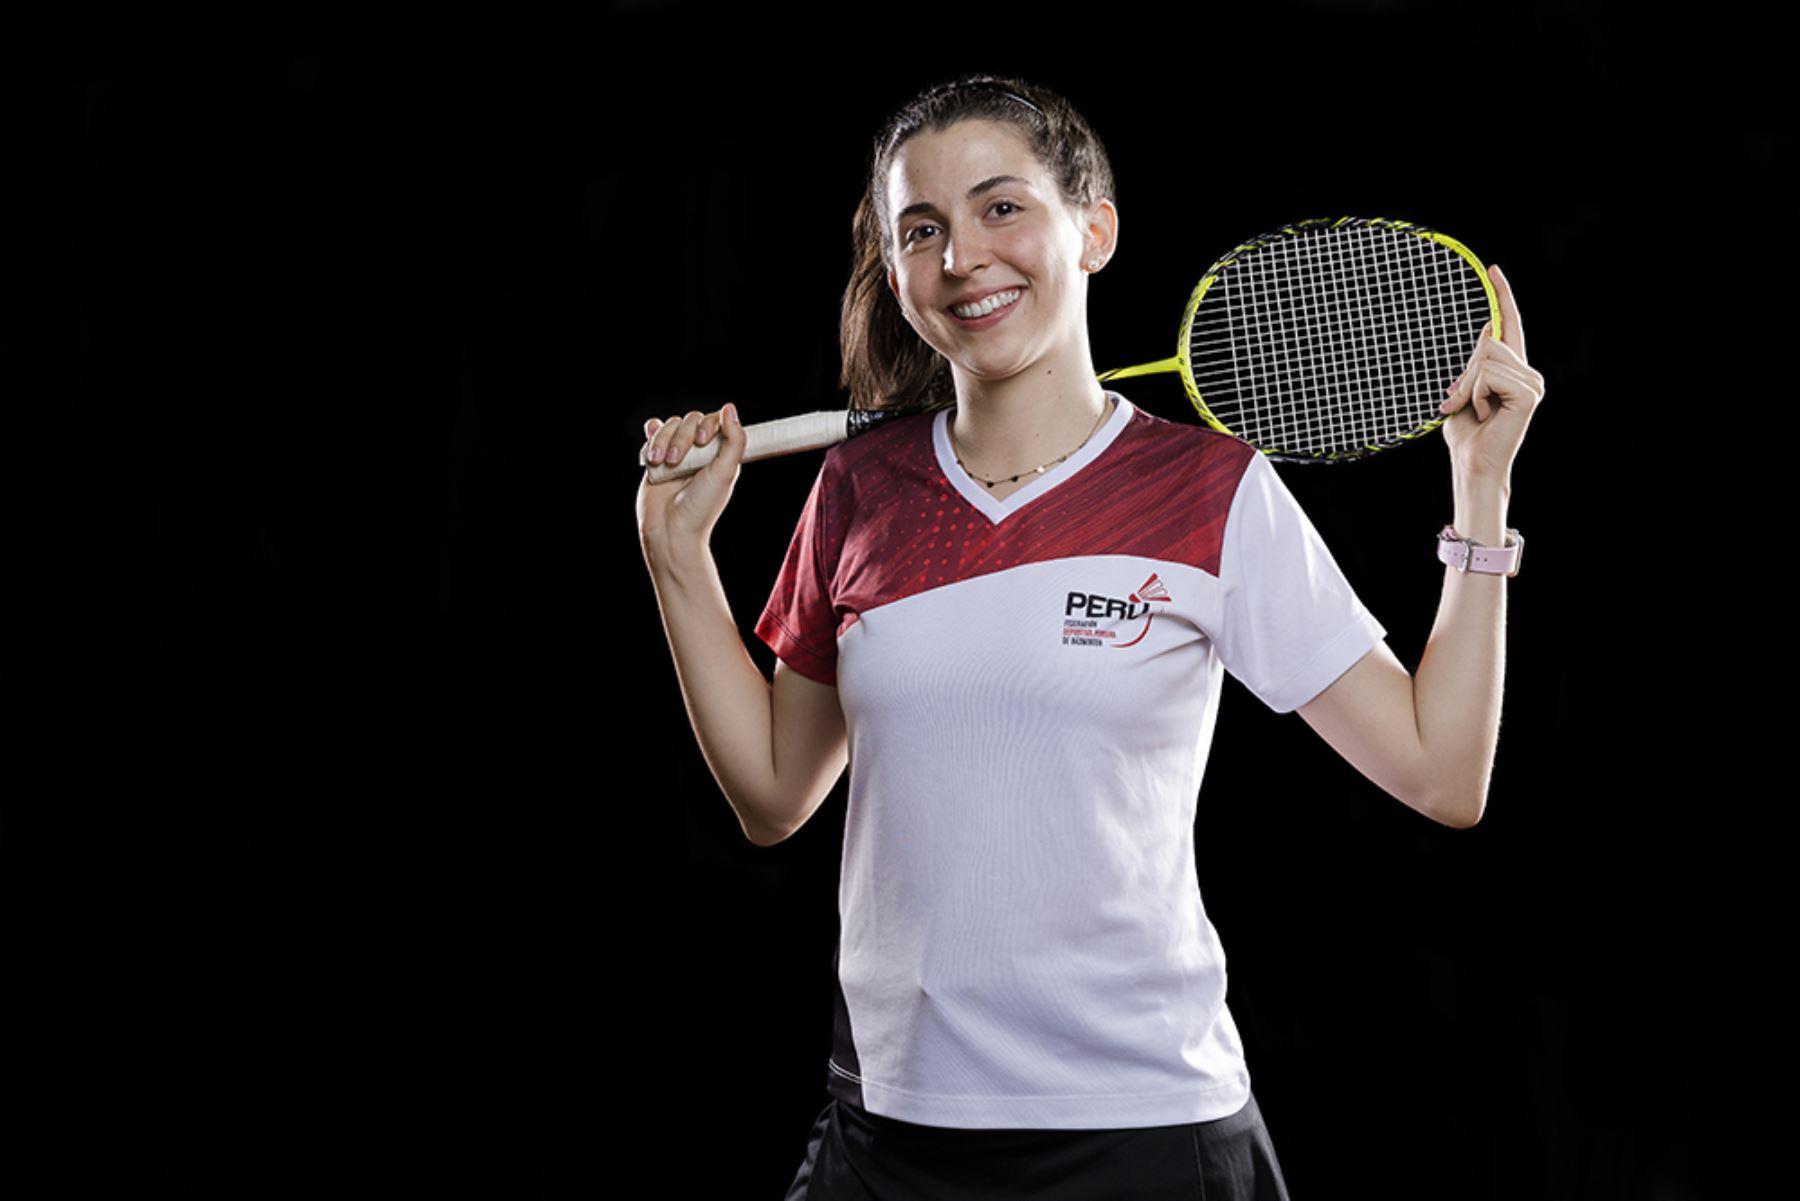 Daniela Macías ingresó a puesto de clasificación a los Juegos Olímpicos Tokio 2020. Foto: ANDINA/Difusión